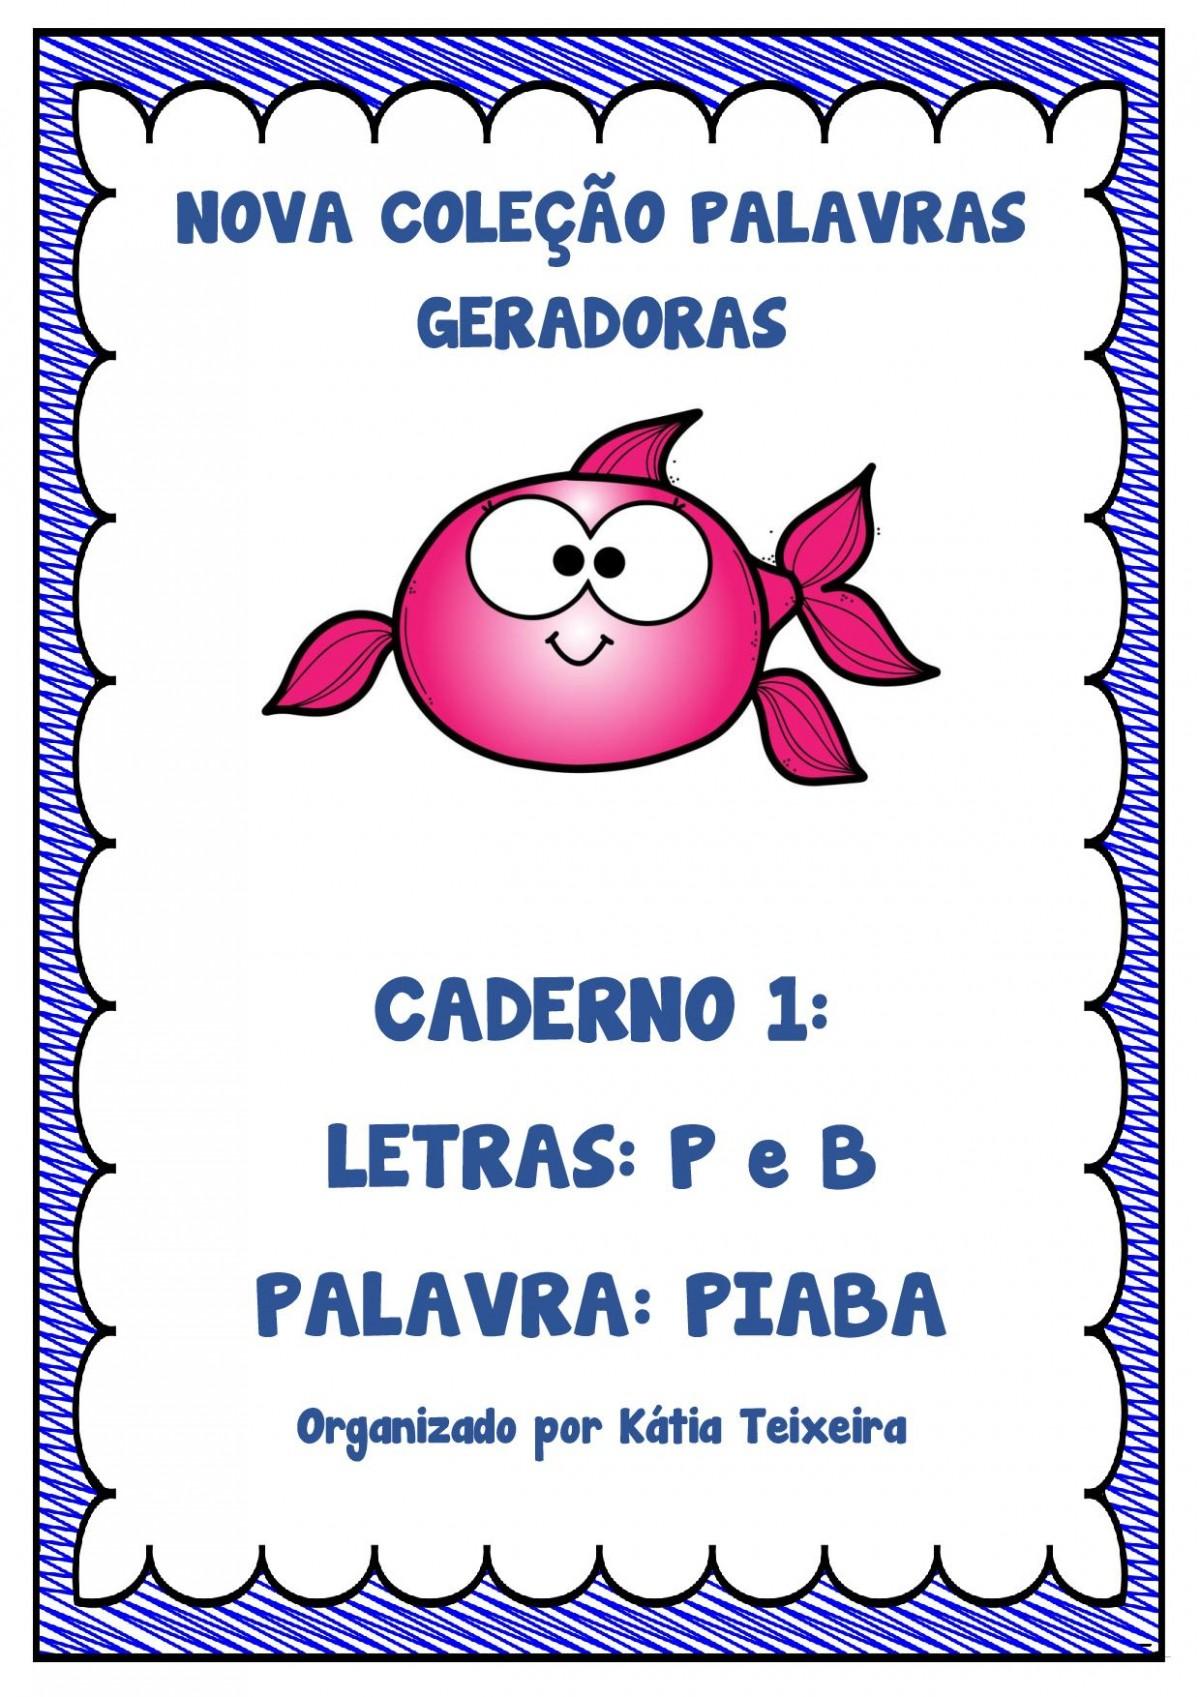 Foto 1 - Caderno 1: P e B Nova Coleção Palavras Geradoras.